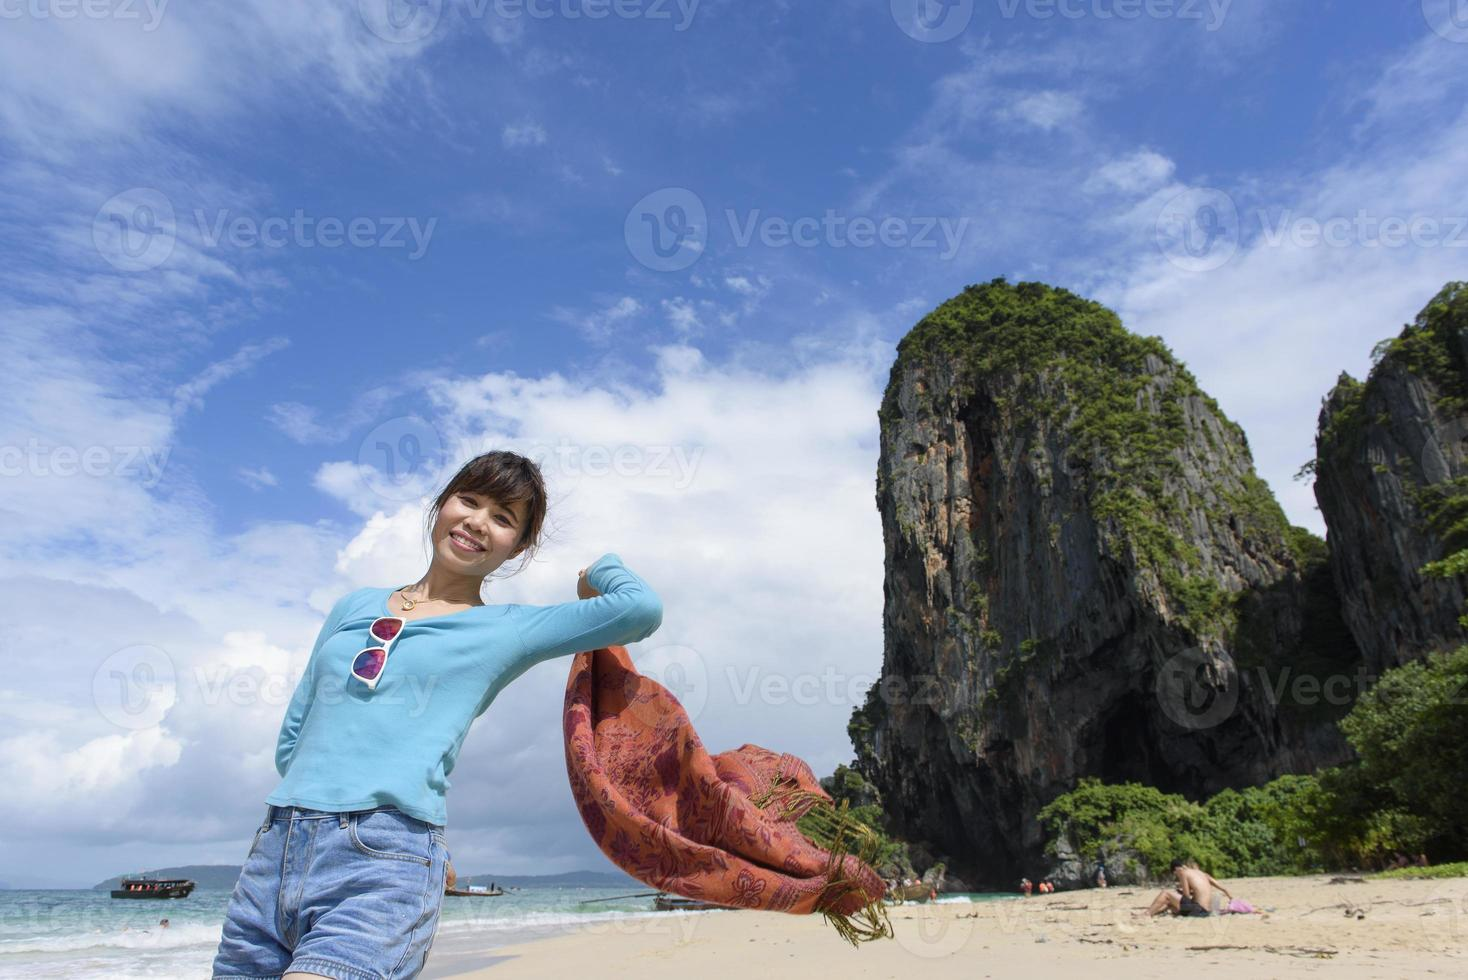 kvinna njuter av tillflyktsort promenader längs stranden foto